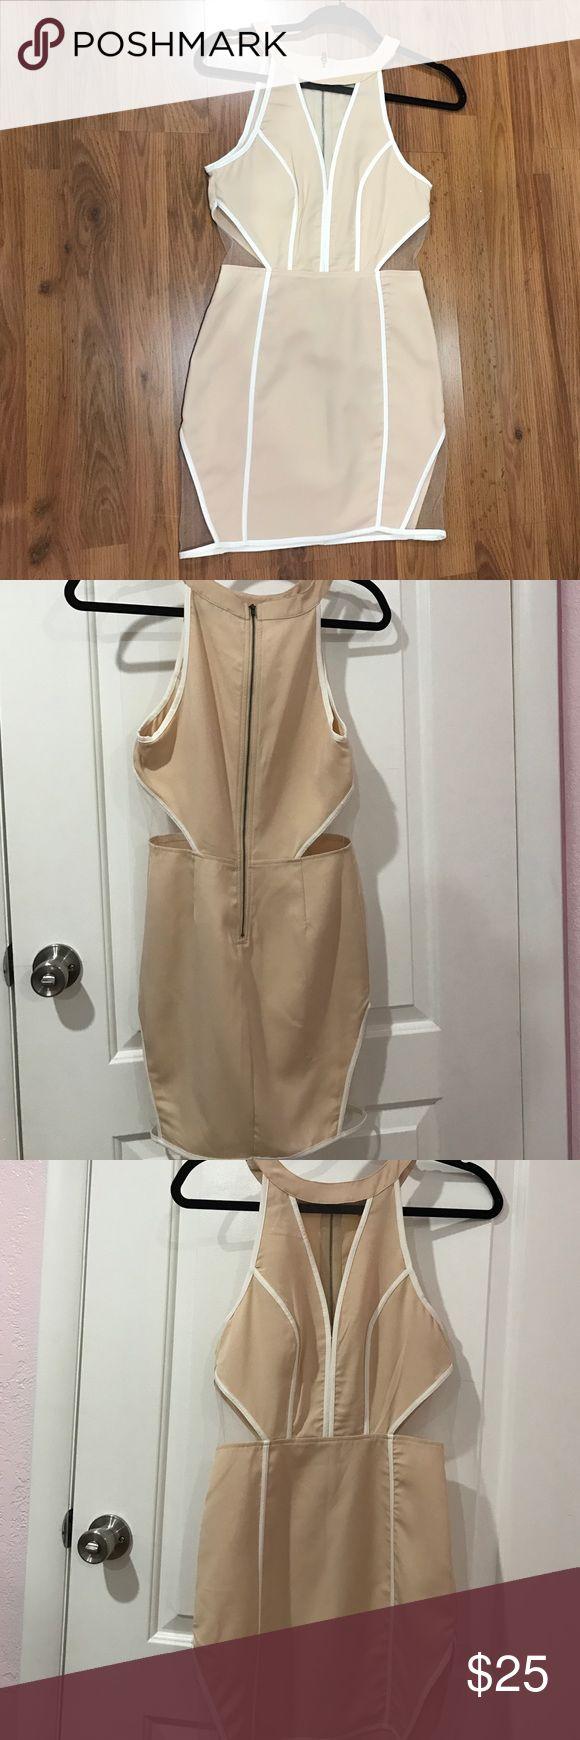 Beige mini dress Beige dress with mesh cutouts, brand new never worn! Dresses Mini